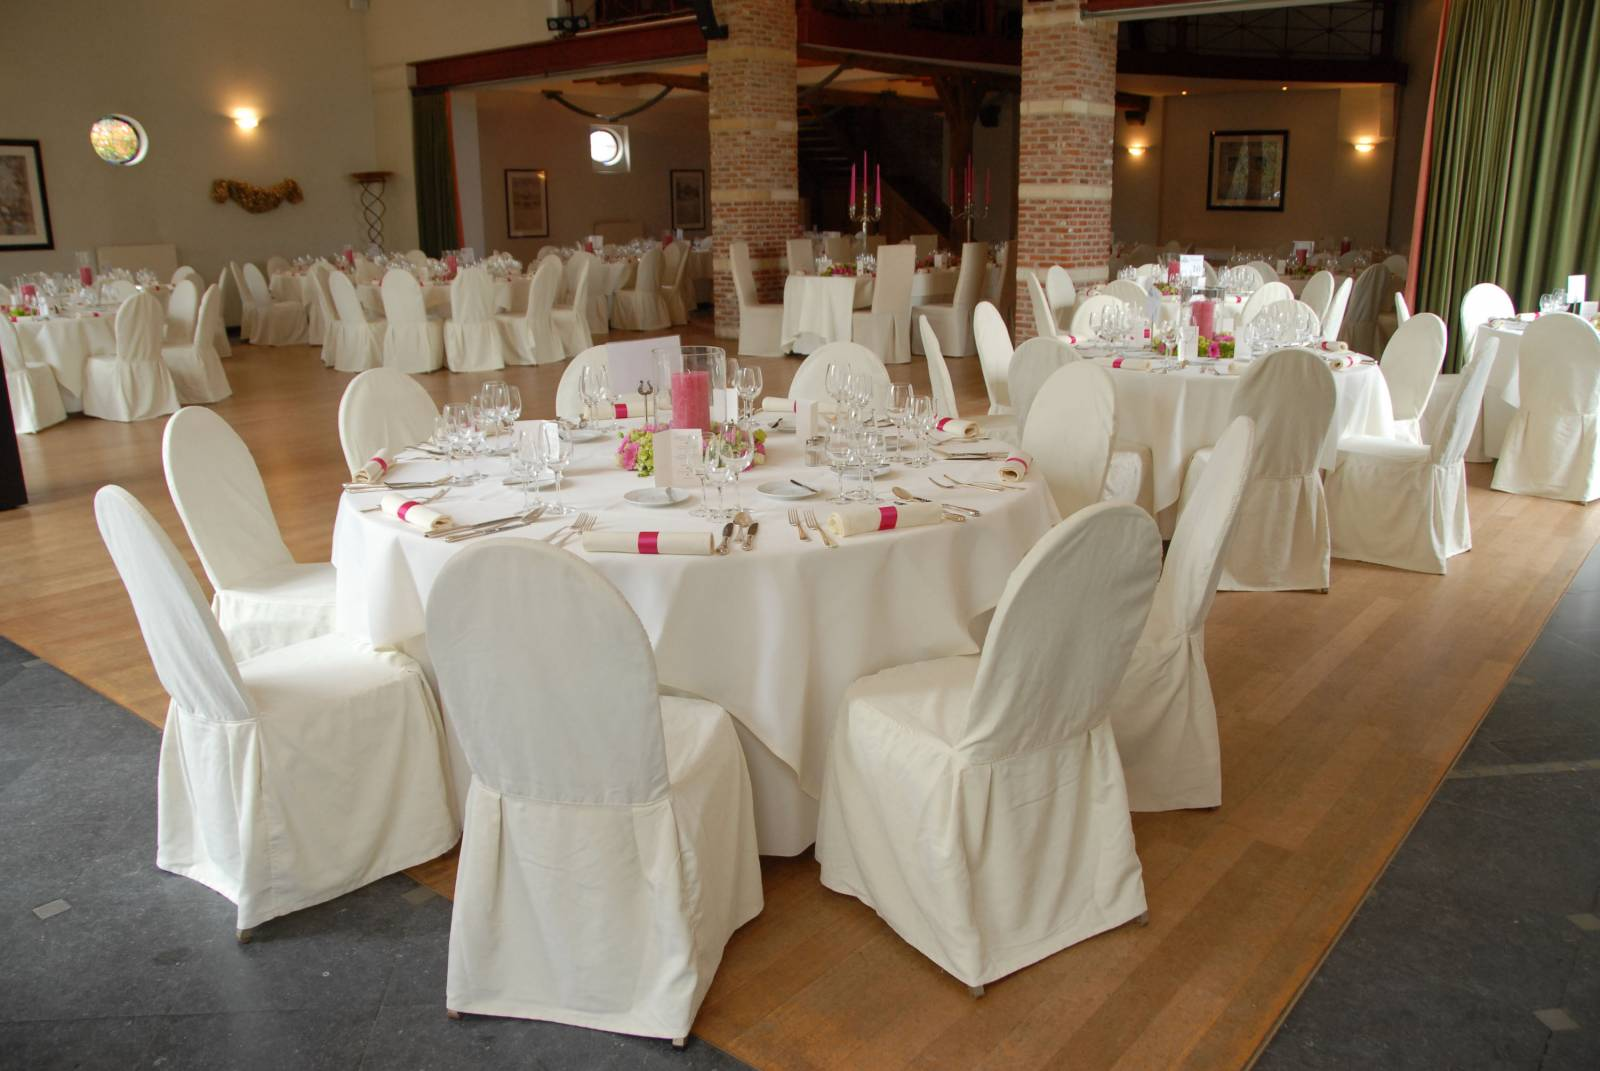 Feestzaal decoratie huwelijksfeest deco Hof Van Reyen Boechout (13) - House of Weddings